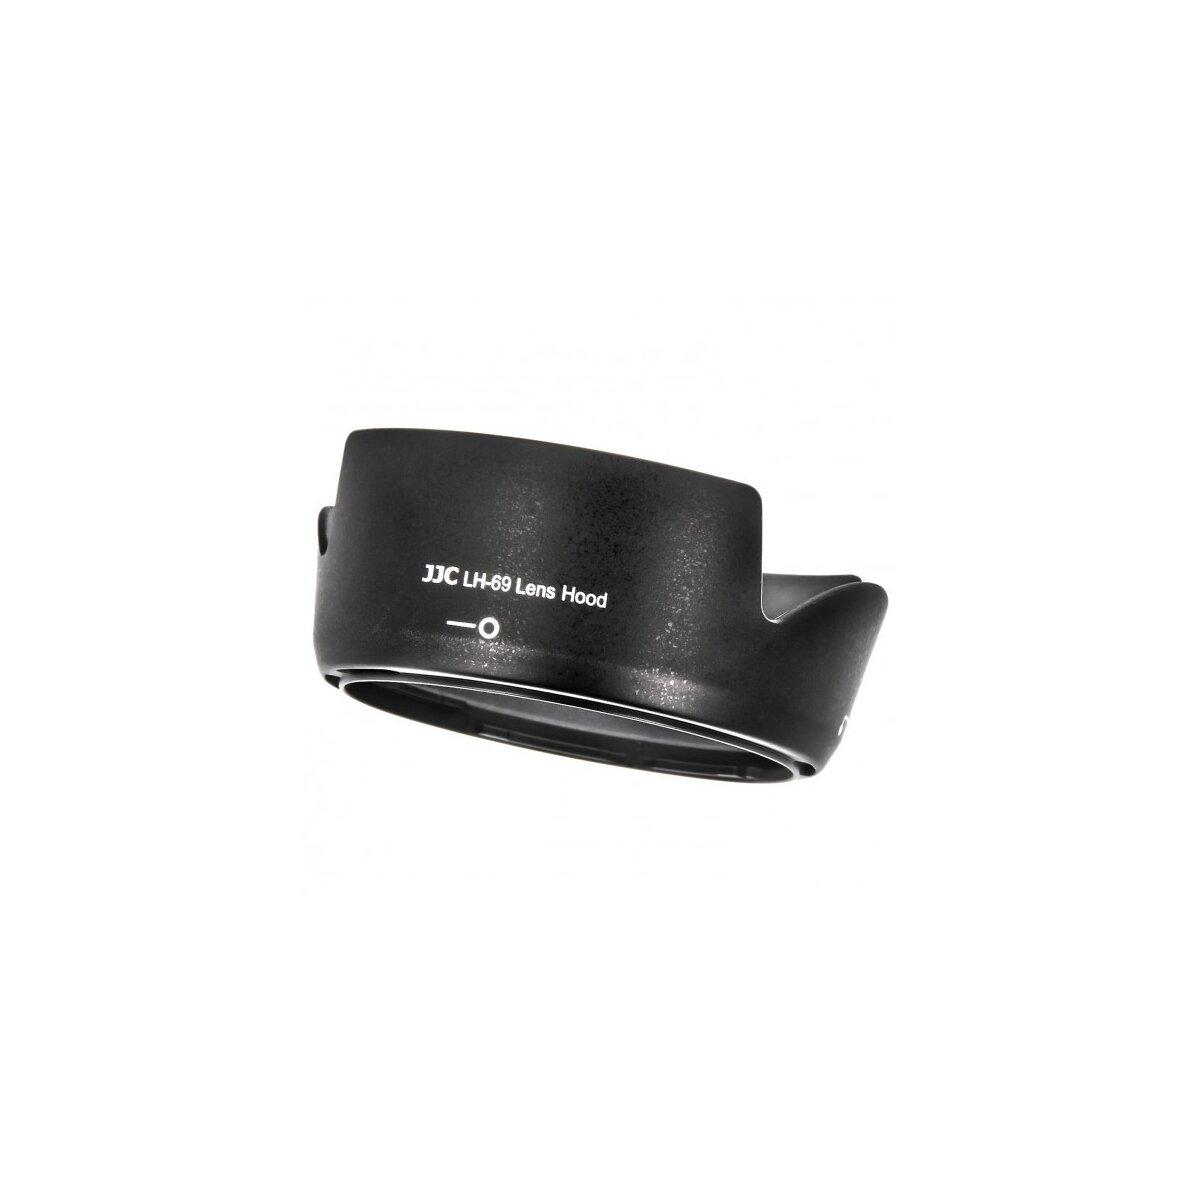 JJC LH-69 Gegenlichtblende kompatibel mit Nikon Nikkor AF-S DX 18-55mm f/3.5-5.6 G VRII, Ersatz für Nikon HB-69